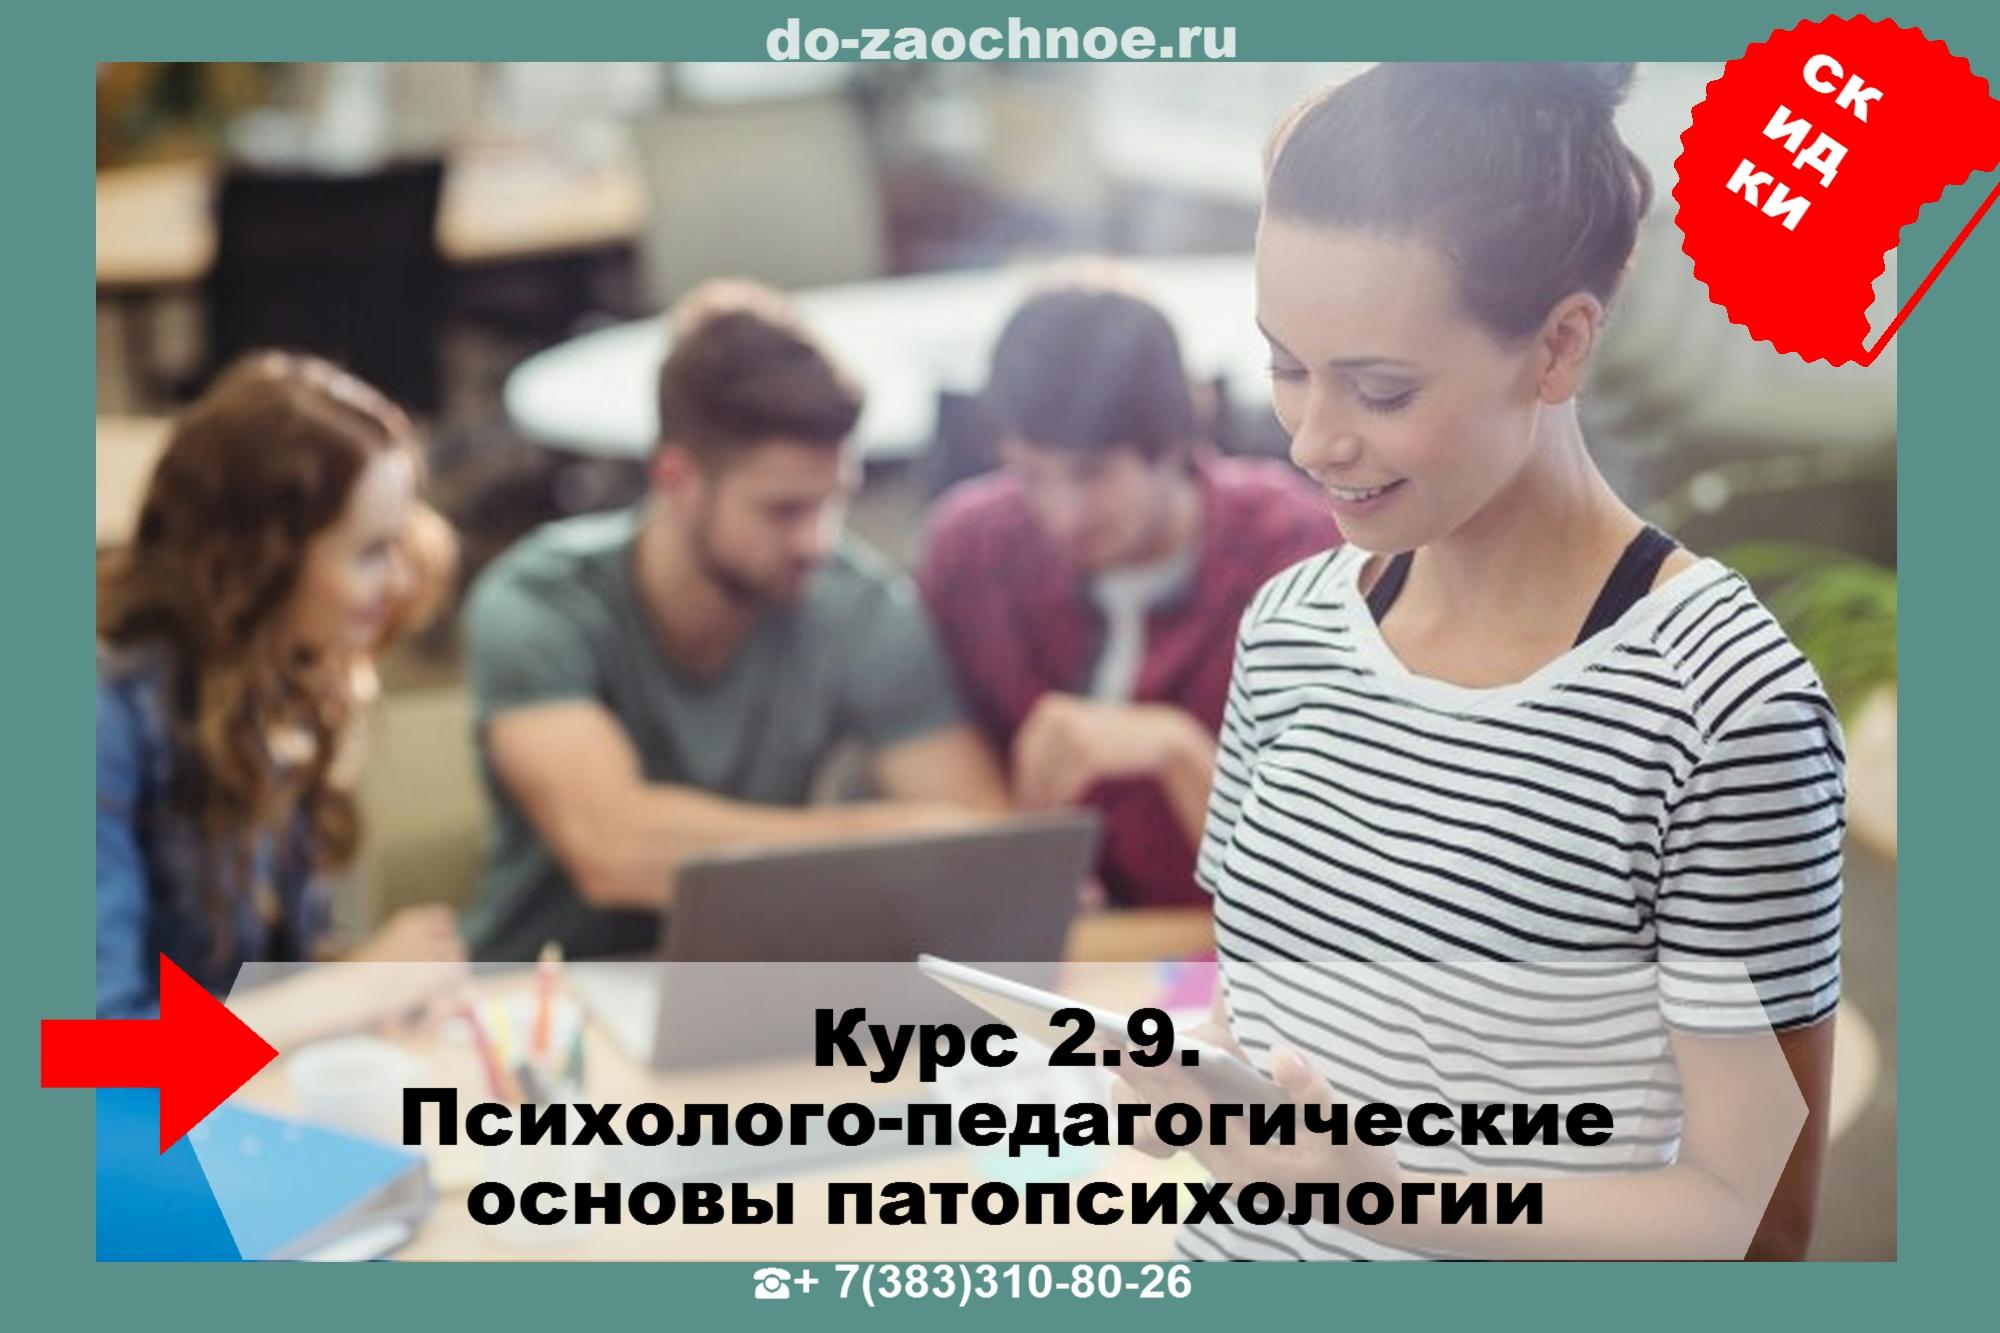 ИДПК дистанционные курсы основы патопсихологии на do-zaochnoe.ru ТУТ!